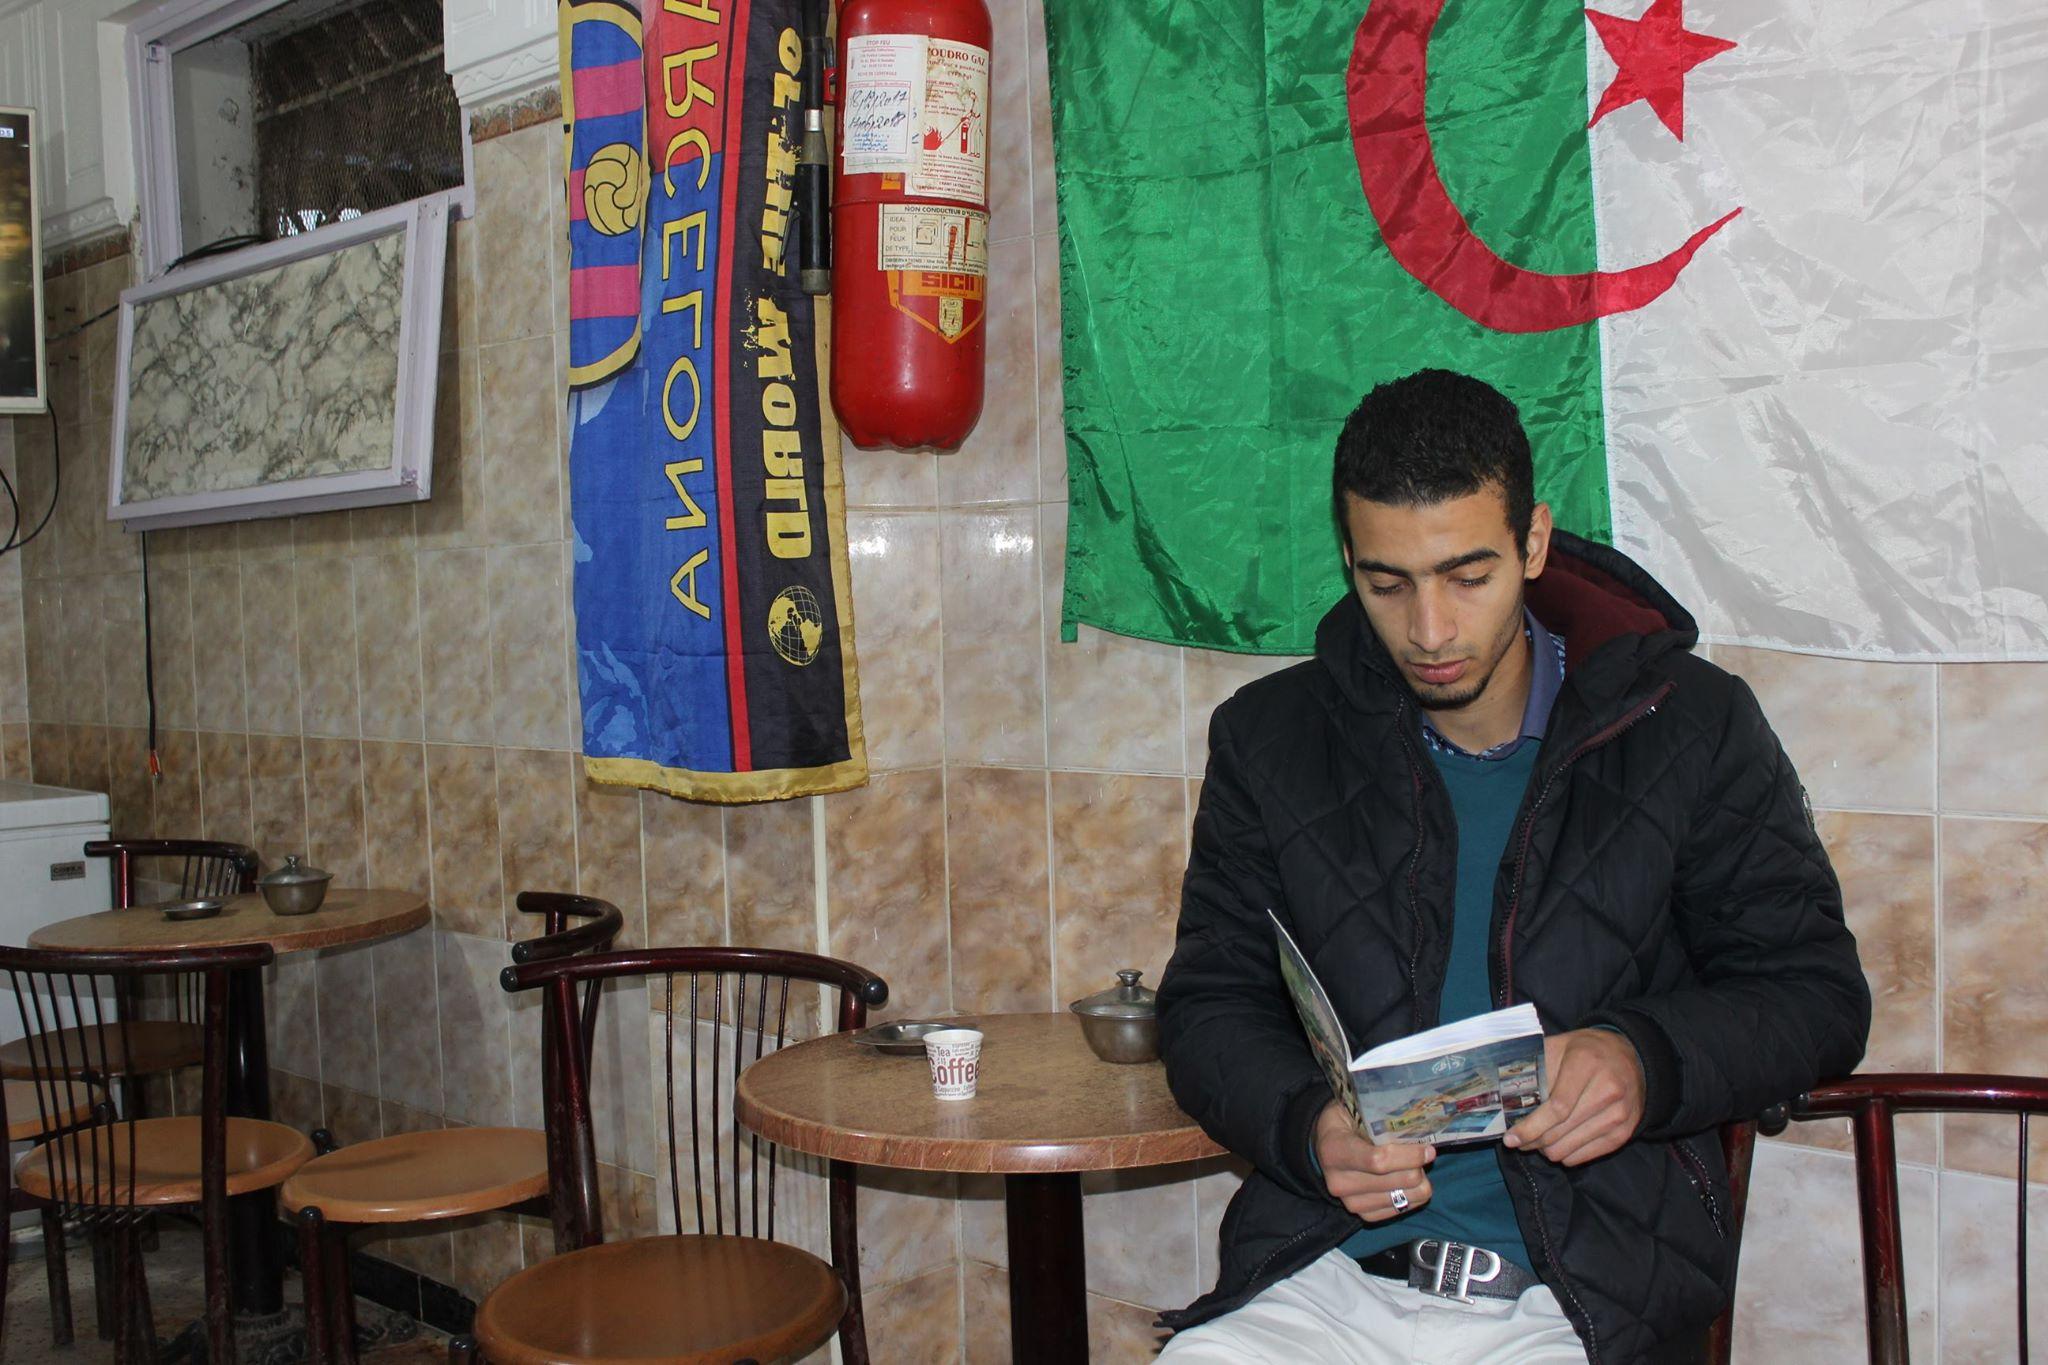 مكتبة المقهى - جمعية العلماء المسلمين الجزائريين - شعبة عنابة